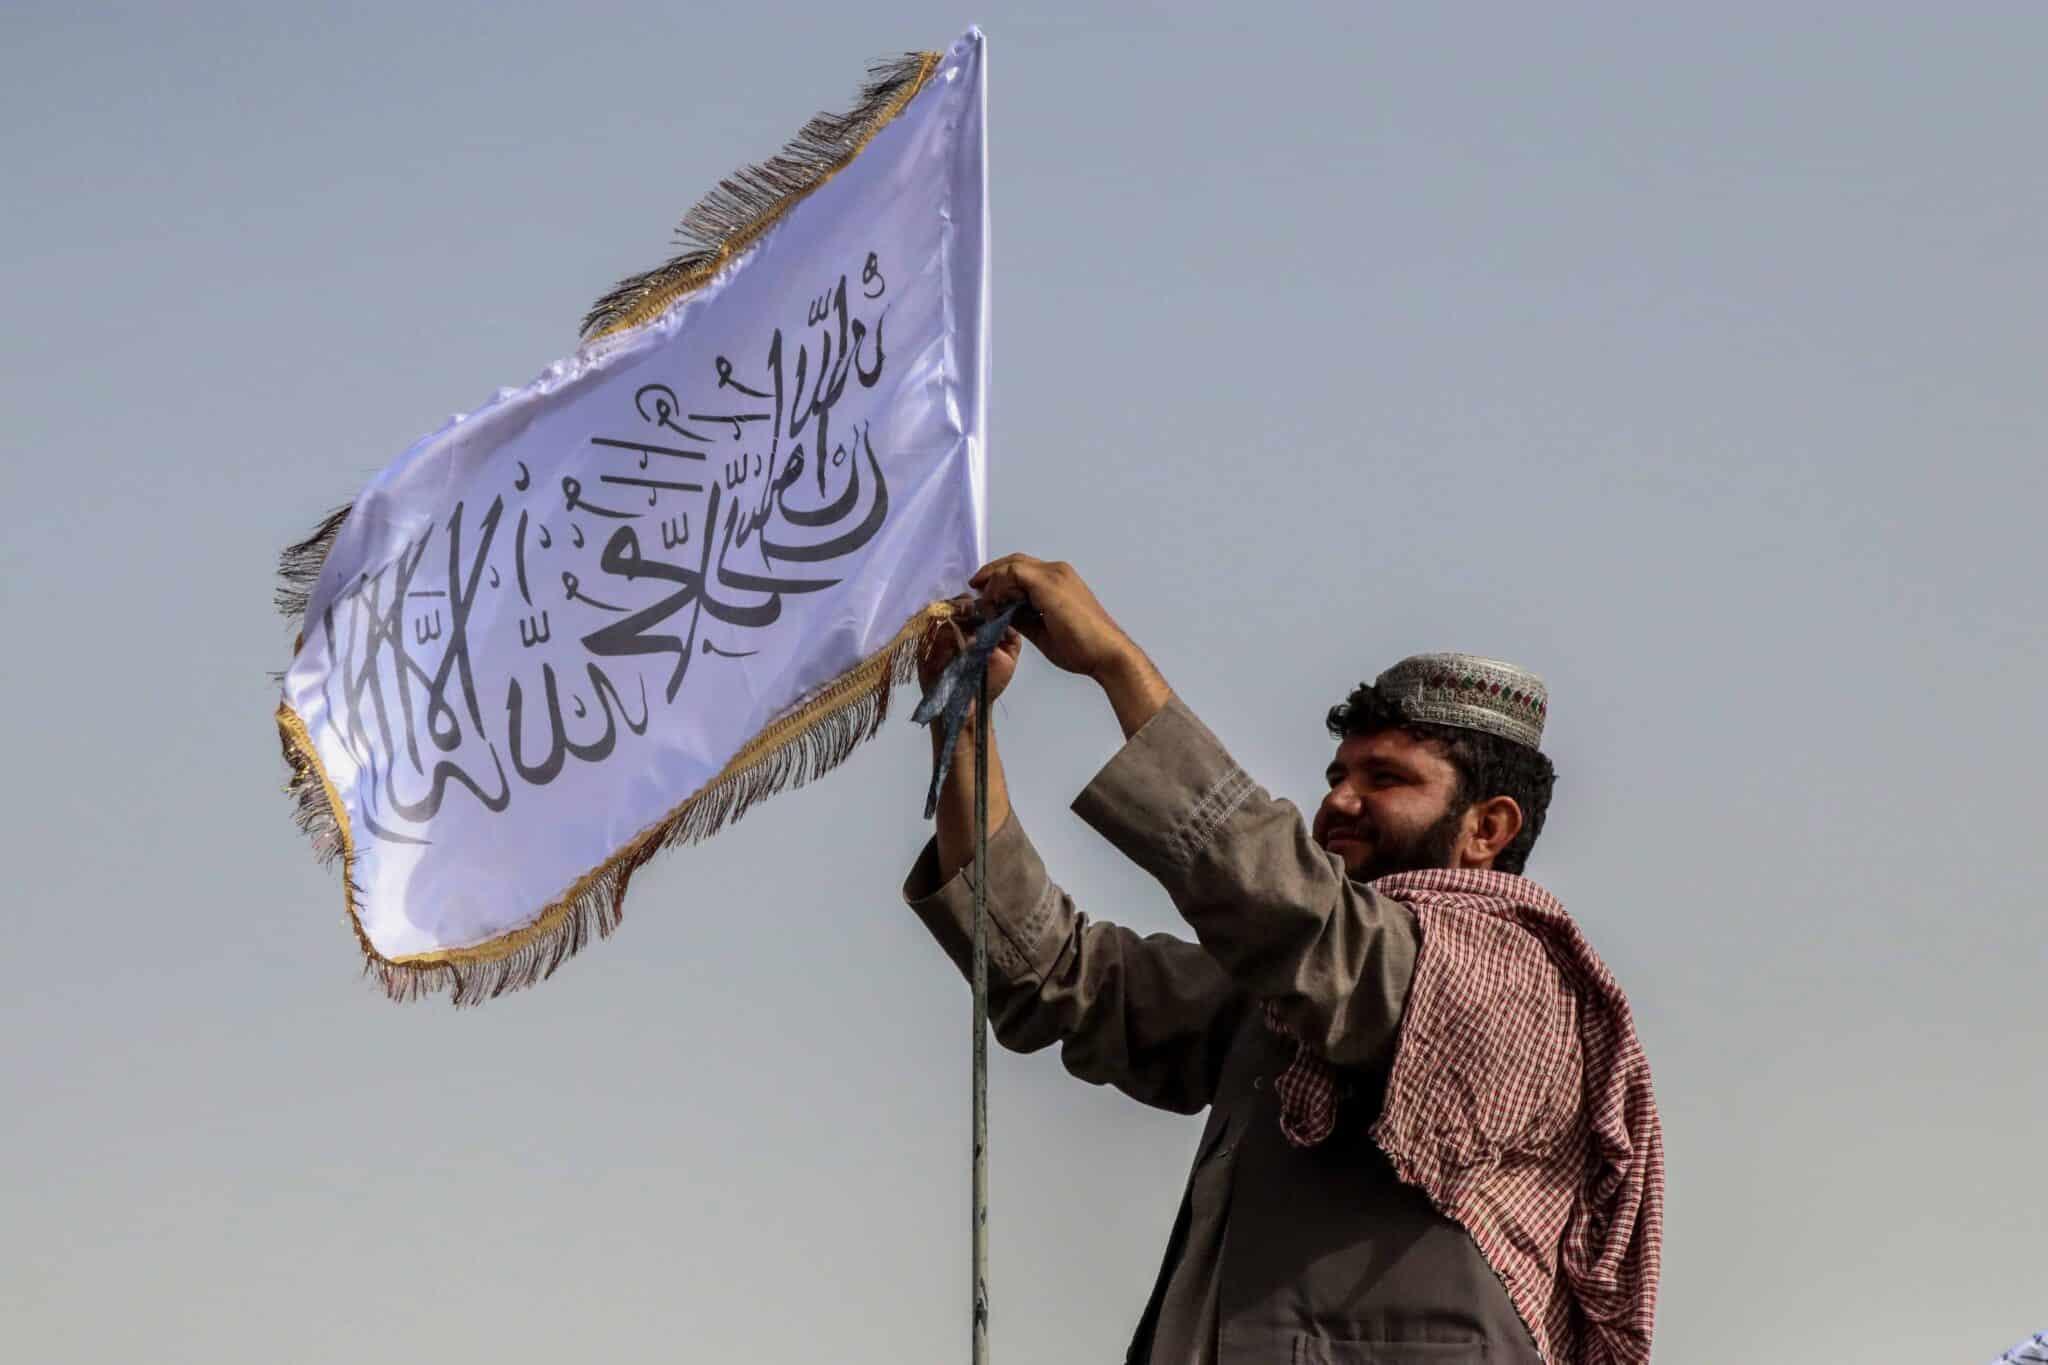 Un talibán coloca la nueva bandera de Afganistán en Kandahar